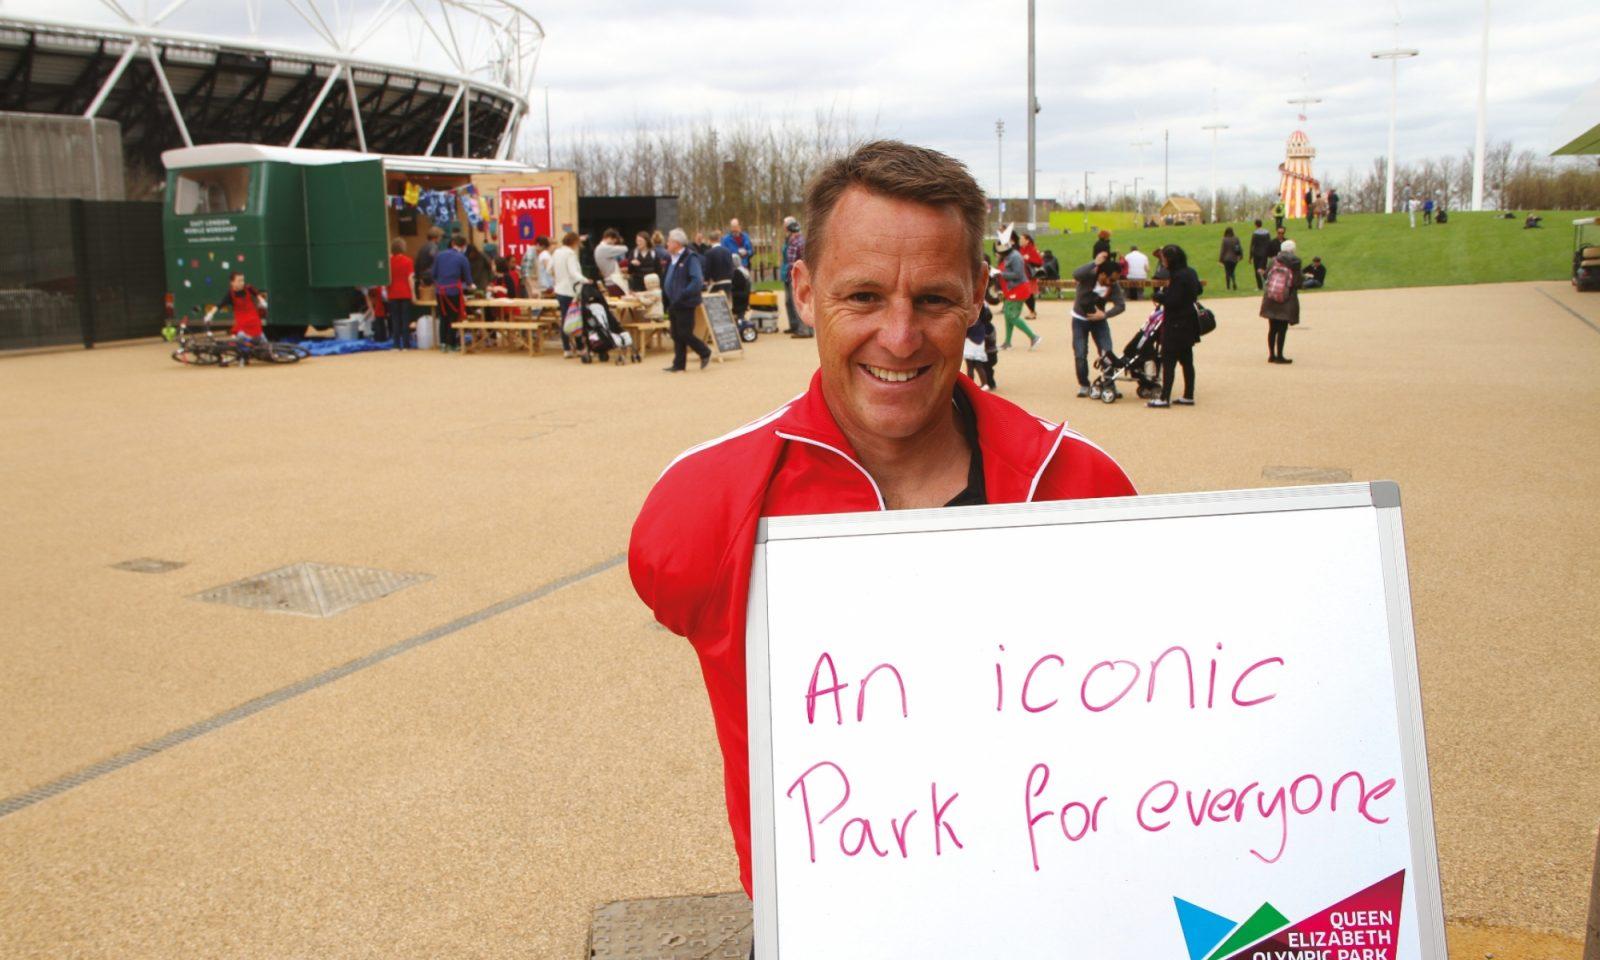 London 2012 Olympics Sustainability